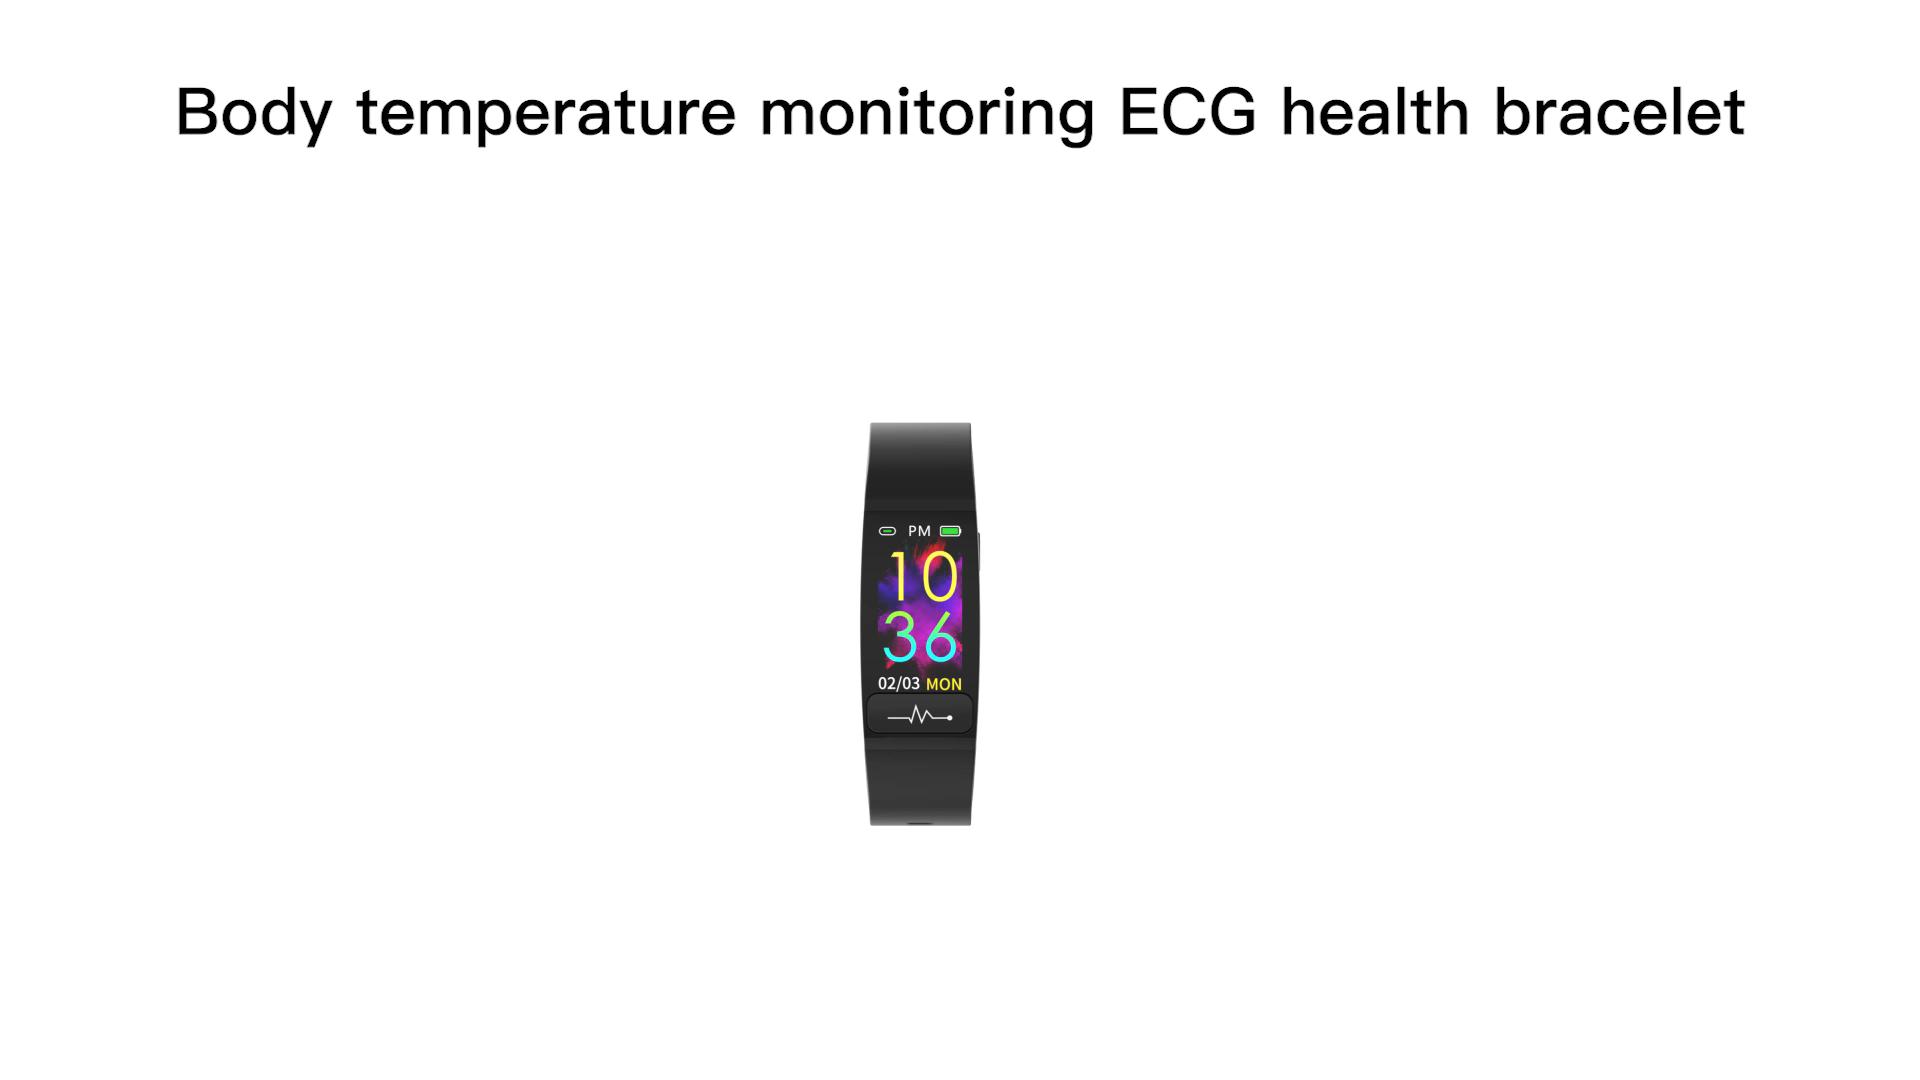 नई M8 0.96 इंच दिल दर घड़ी स्मार्ट कंगन PPG शरीर तापमान के साथ ईसीजी स्मार्ट घड़ी